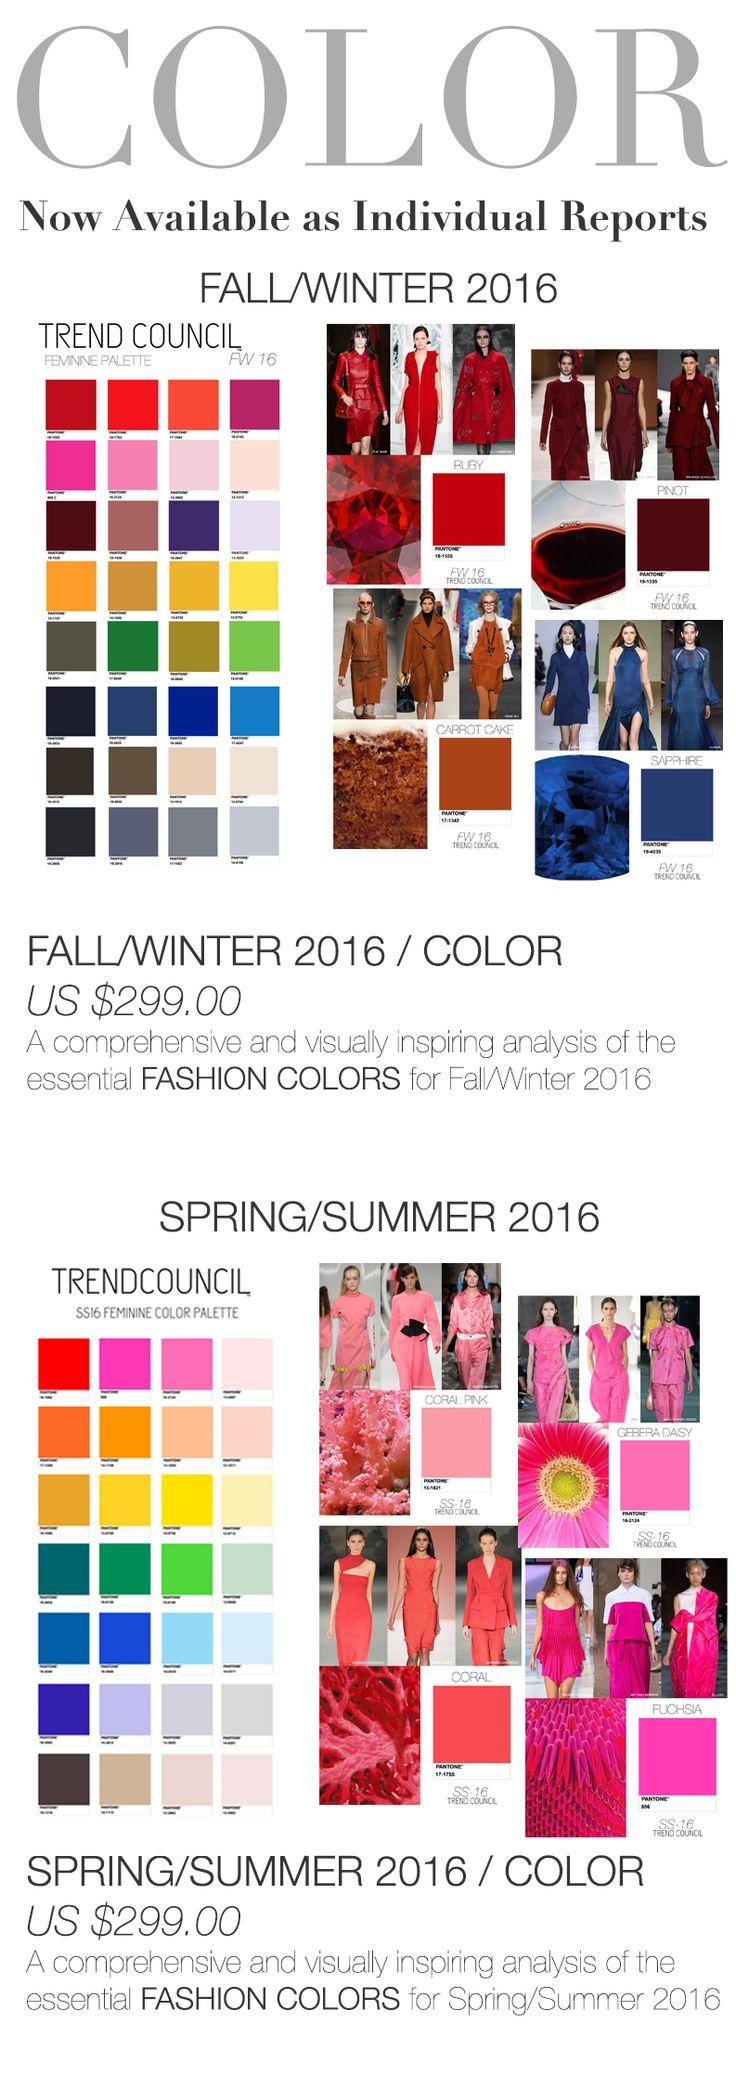 91 best spring summer 2016 color images on pinterest 2016 trends spring summer 2016 and color. Black Bedroom Furniture Sets. Home Design Ideas